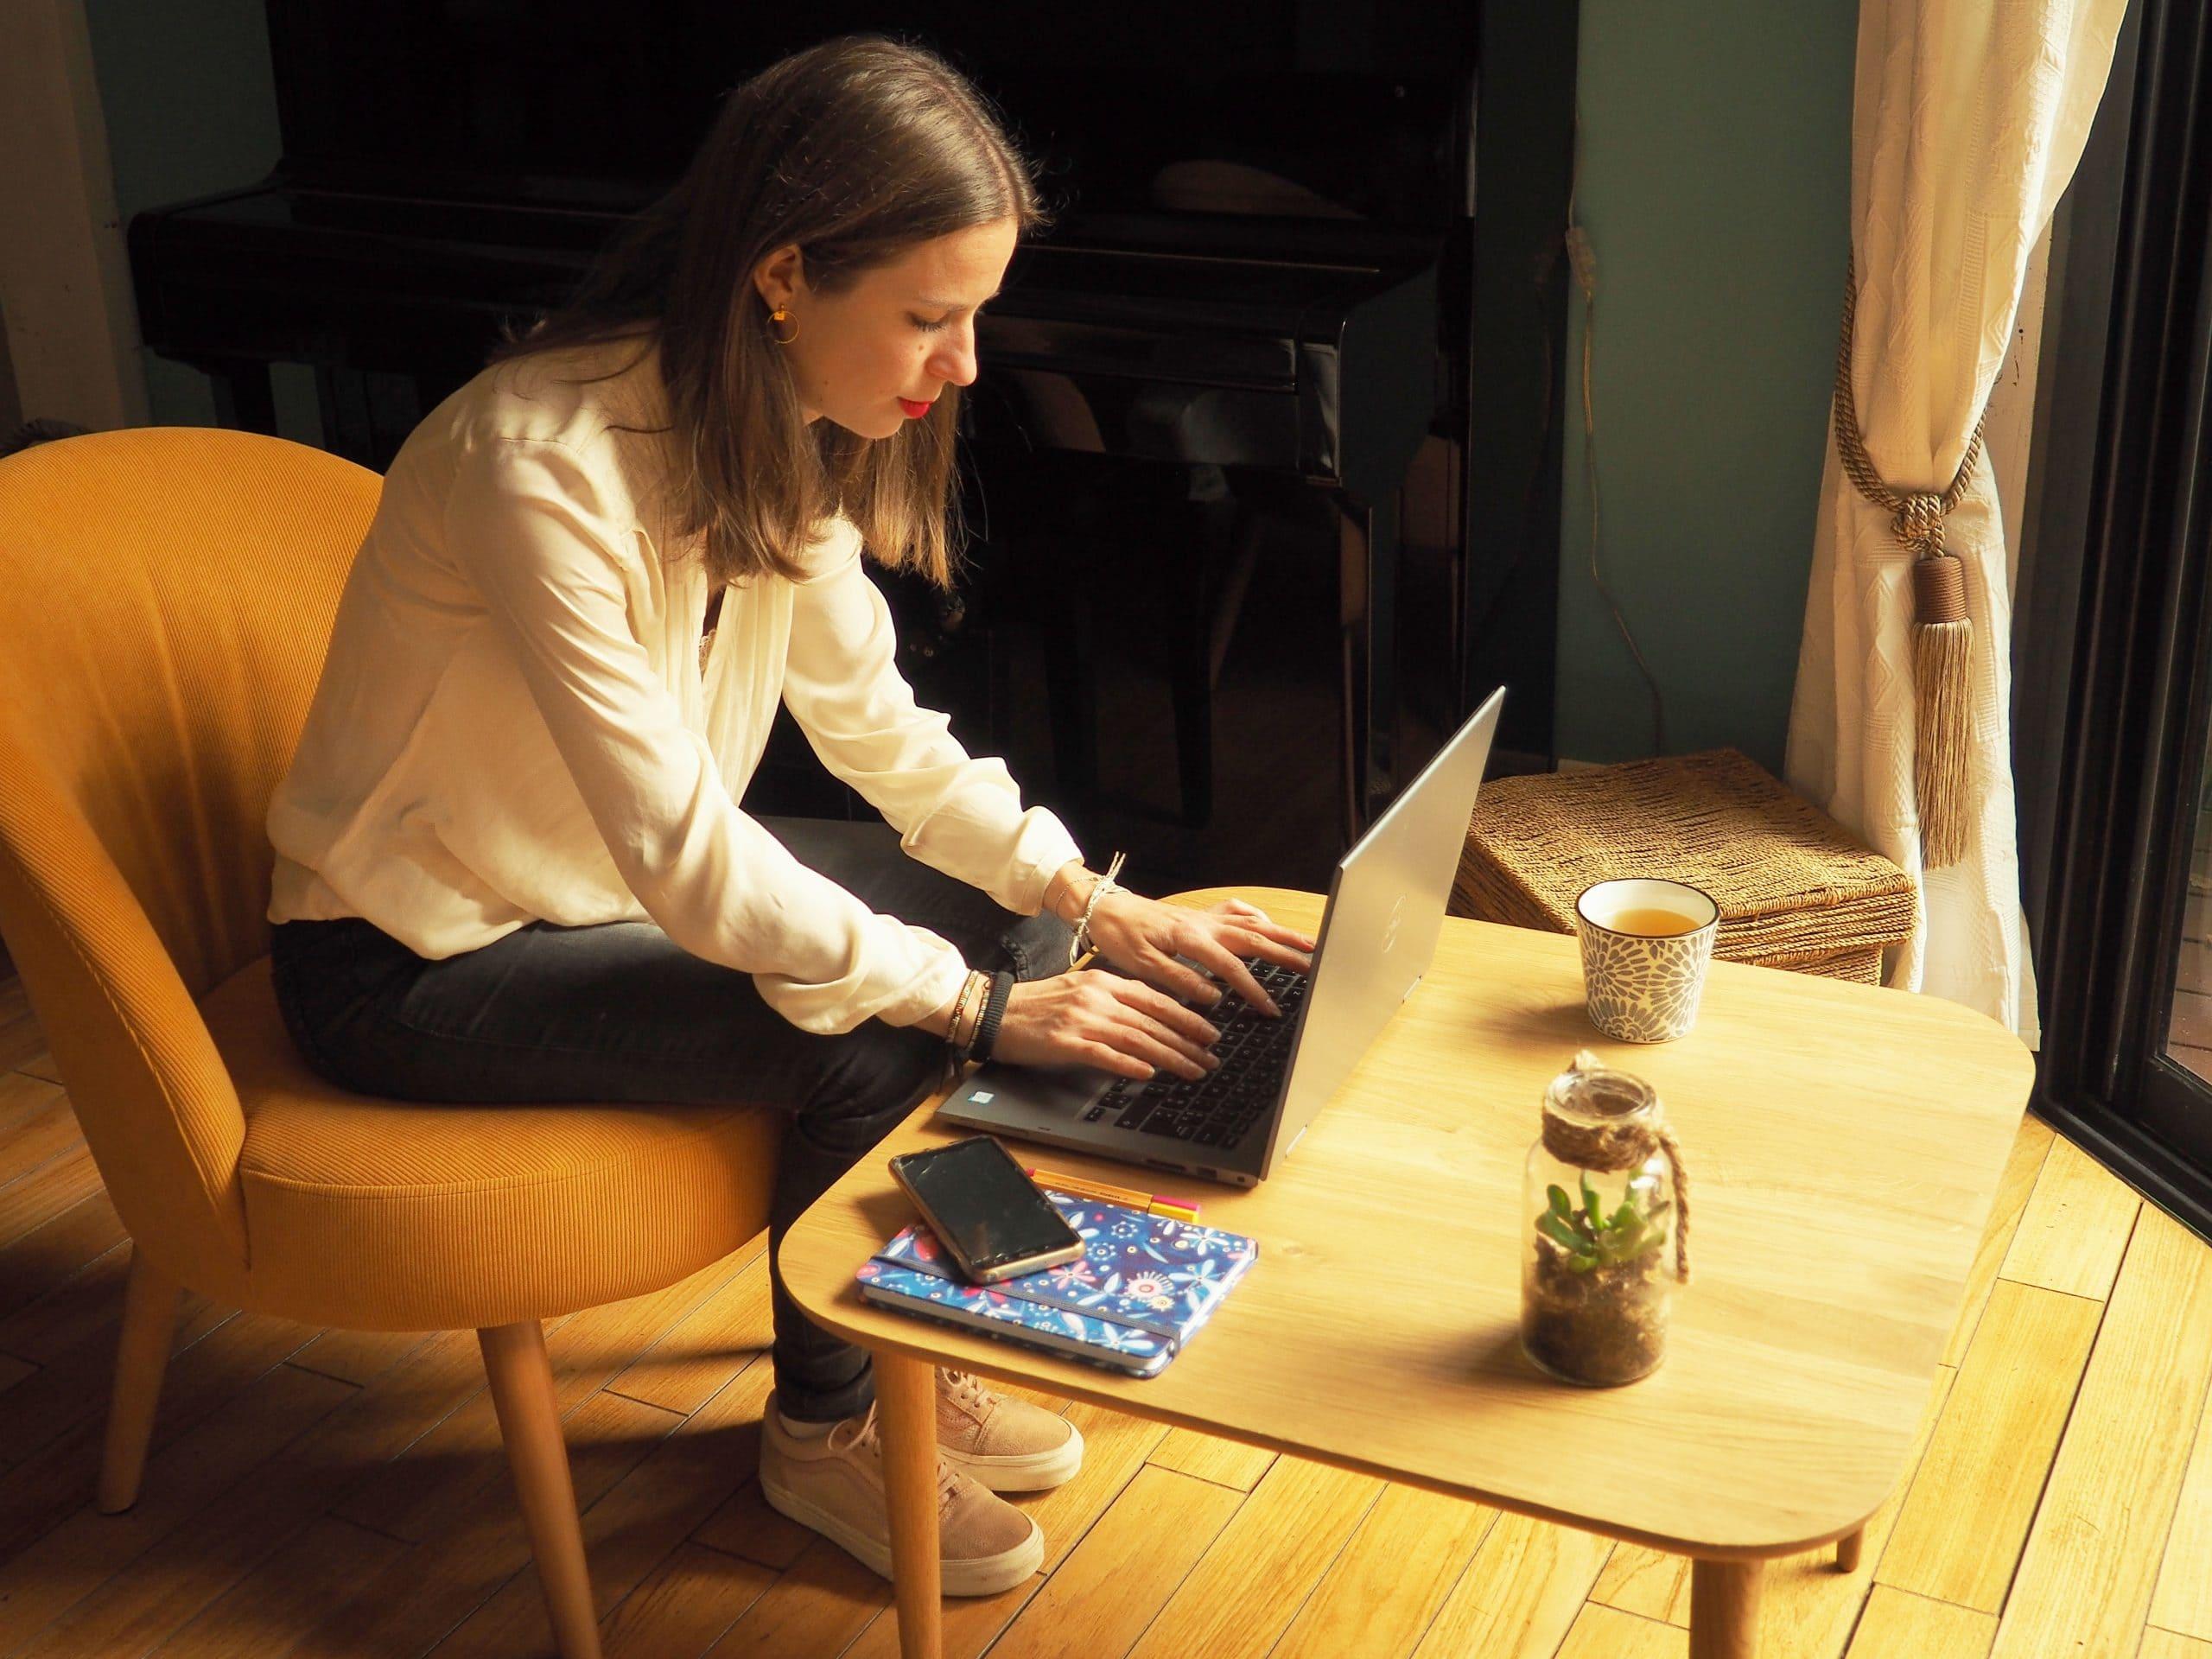 Créatrice de site web et Social Media Manager Freelance